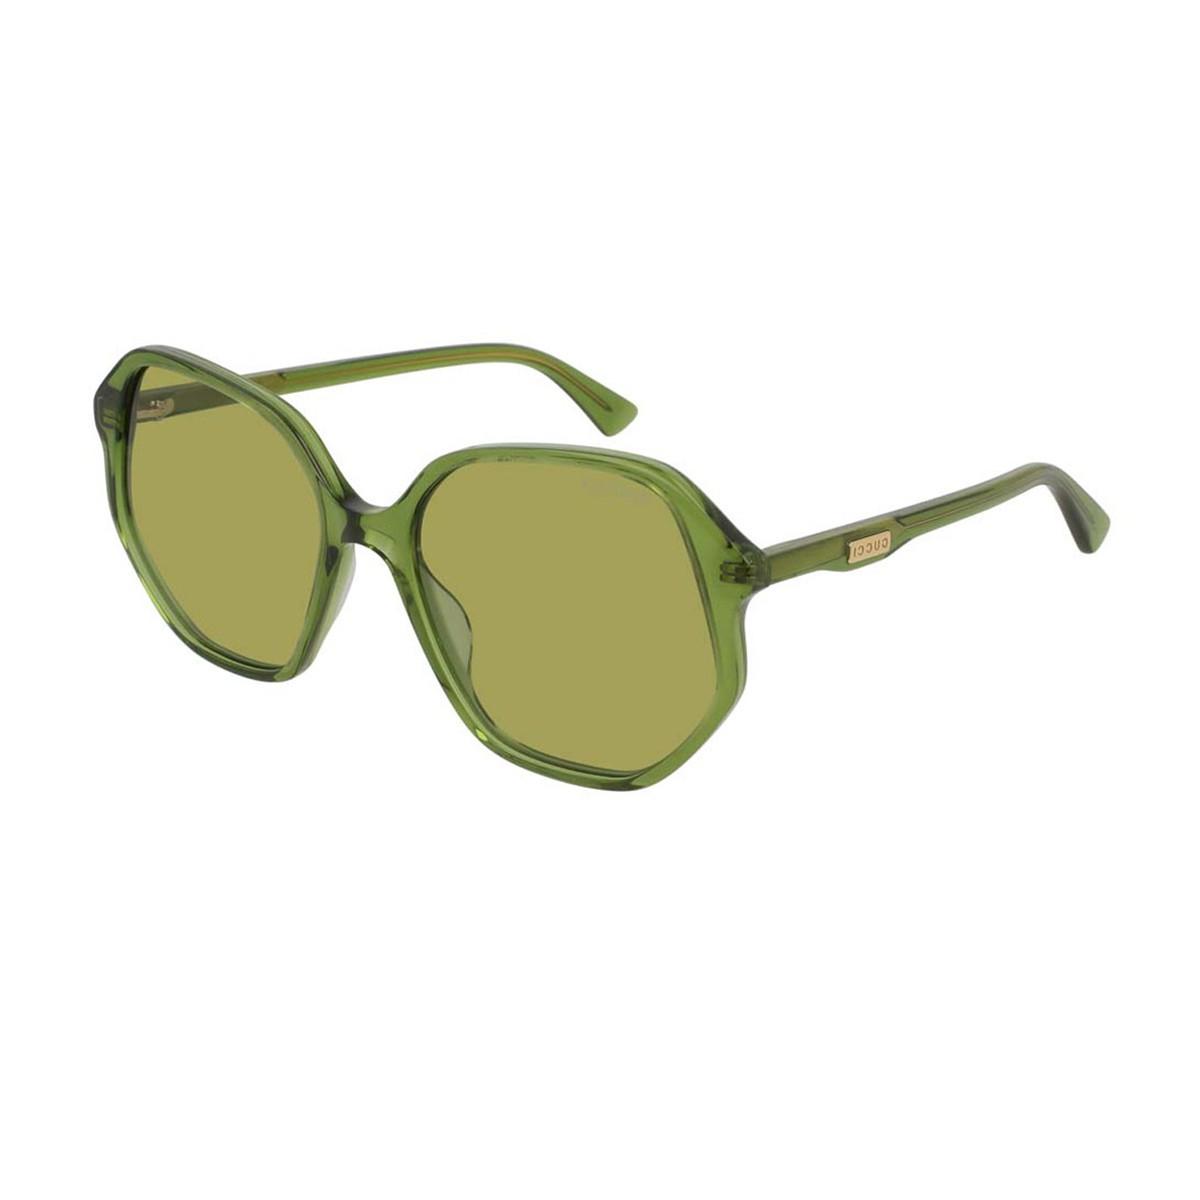 Gucci GG0258S | Occhiali da sole Donna